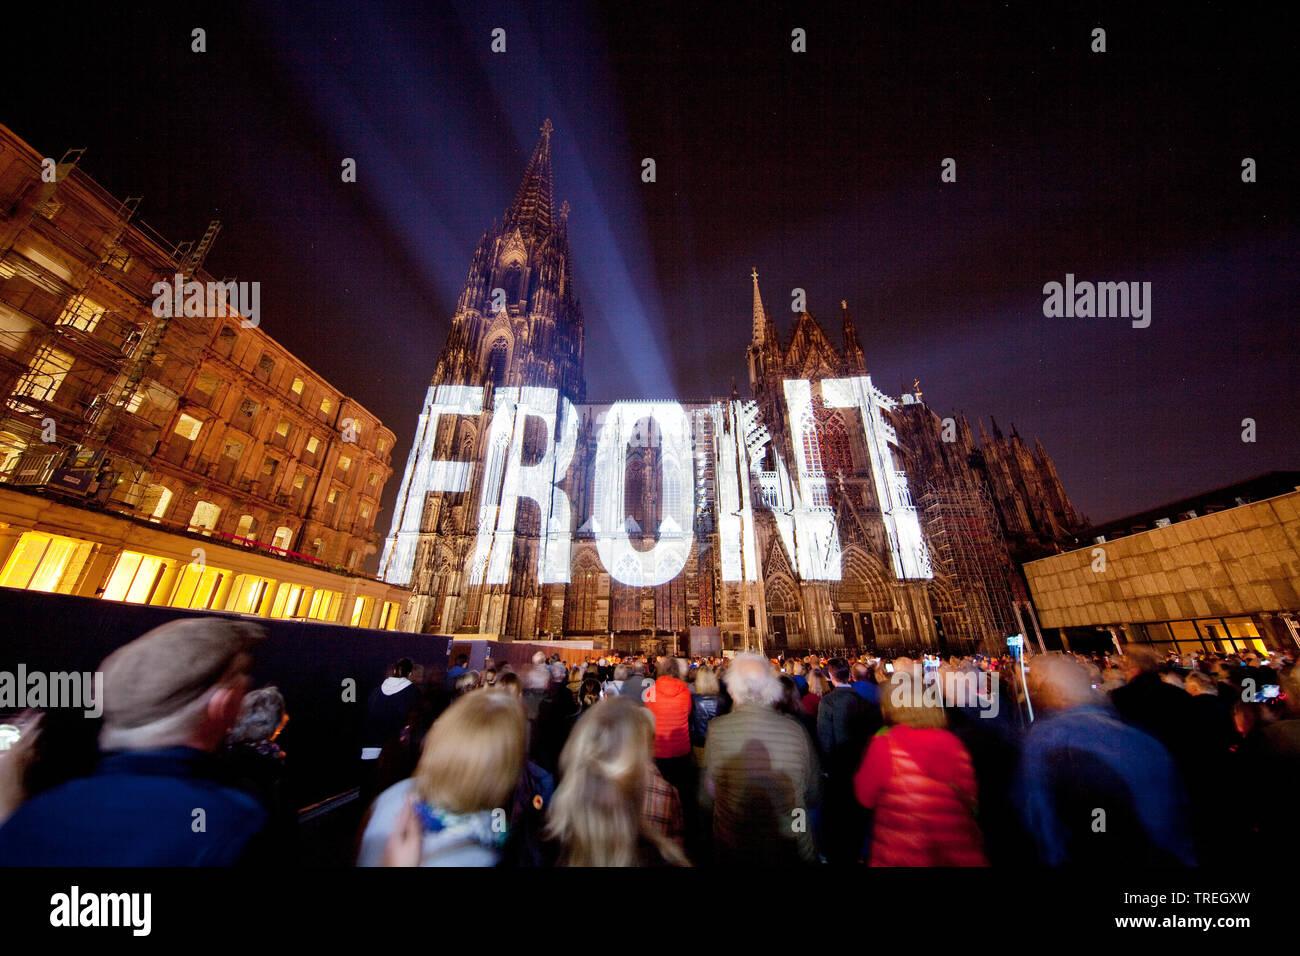 Koelner Dom, Bewegtbild-Illumination Dona Nobis Pacem, Deutschland, Nordrhein-Westfalen, Koeln | Dona Nobis Pacem moving images illumination on Cologn - Stock Image